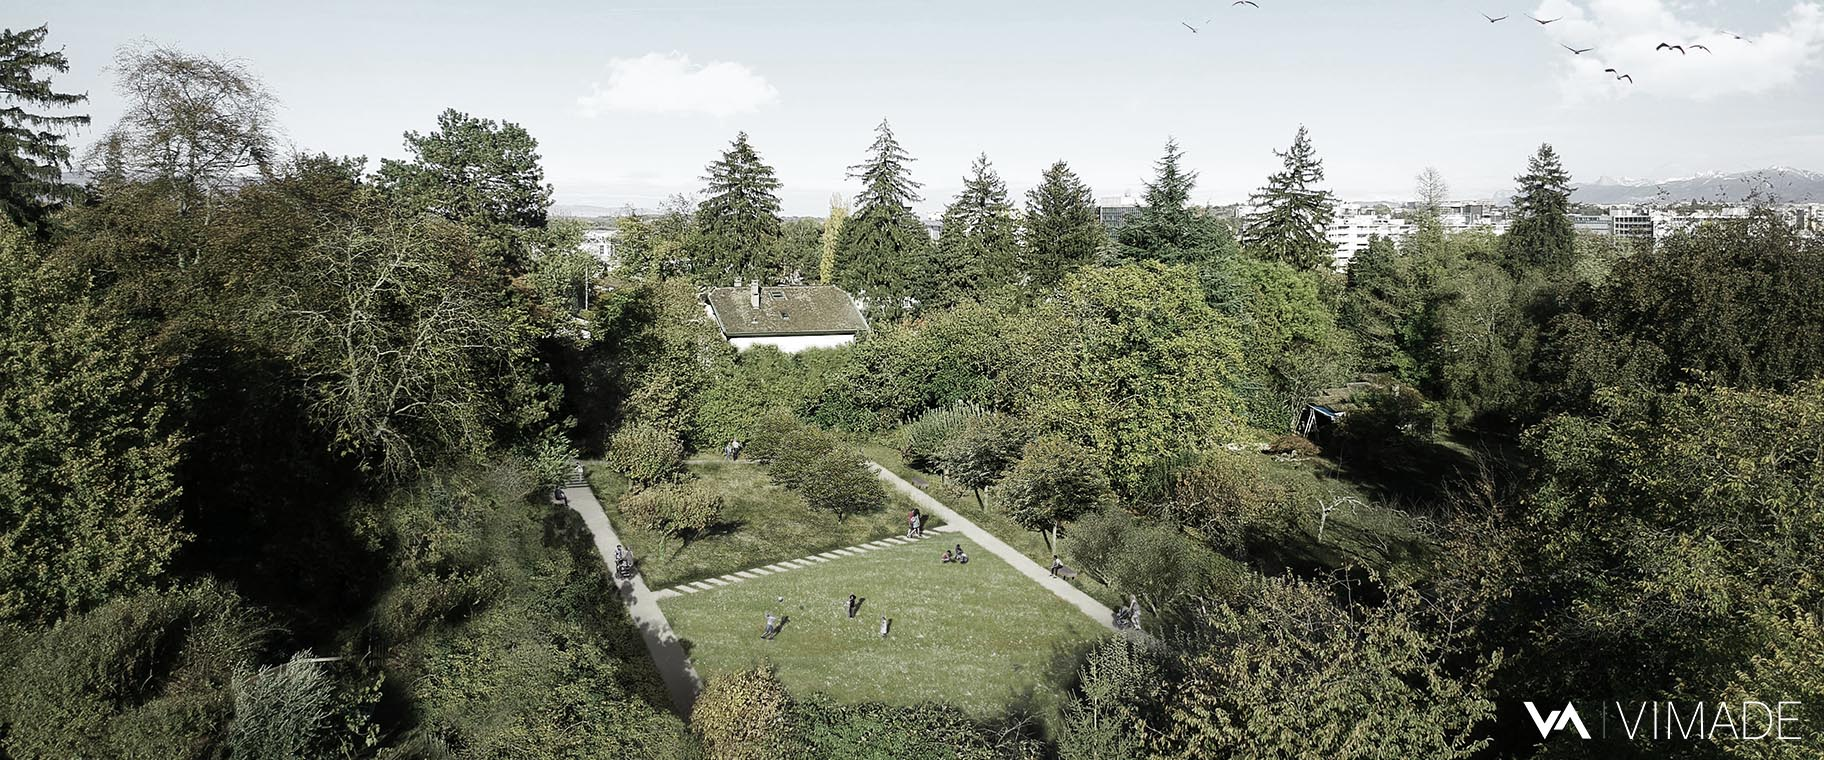 Perspective pour le parc du signal jouxtant l'école allemande de Genève à Vernier, par le bureau VIMADE Architectes paysagistes